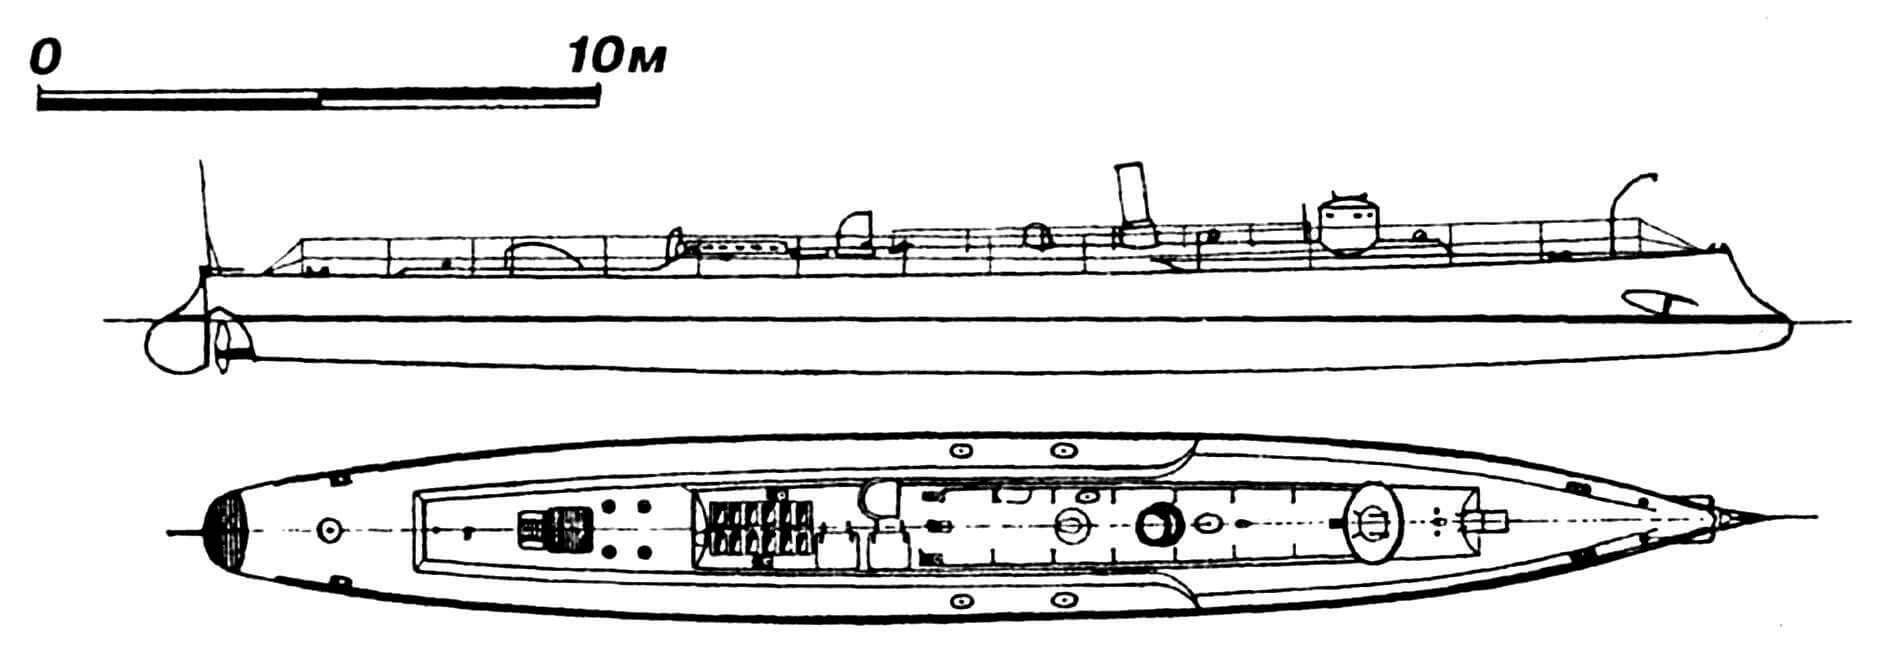 29.Миноносец «Аквила», Италия, 1882 г. Строился в Англии фирмой «Торникрофт». Водоизмещение нормальное 35 т. Длина наибольшая 29,2 м, ширина 3,28 м, осадка 1,5 м. Мощность одновальной паросиловой установки 430 л.с., скорость на испытаниях 20 узлов. Вооружение: два носовых торпедных аппарата и двуствольная 25-мм пушка. Всего построено две единицы: «Аквила» и «Габбиано», обе сданы на слом в 1907 г. В 1884 — 1887 гг. построено еще 30 аналогичных кораблей типа «Альдебаран», имевших длину 30,5 м, ширину 3,58 м, осадку 1,67 м, нормальное водоизмещение 39 т и скорость 21 узел.